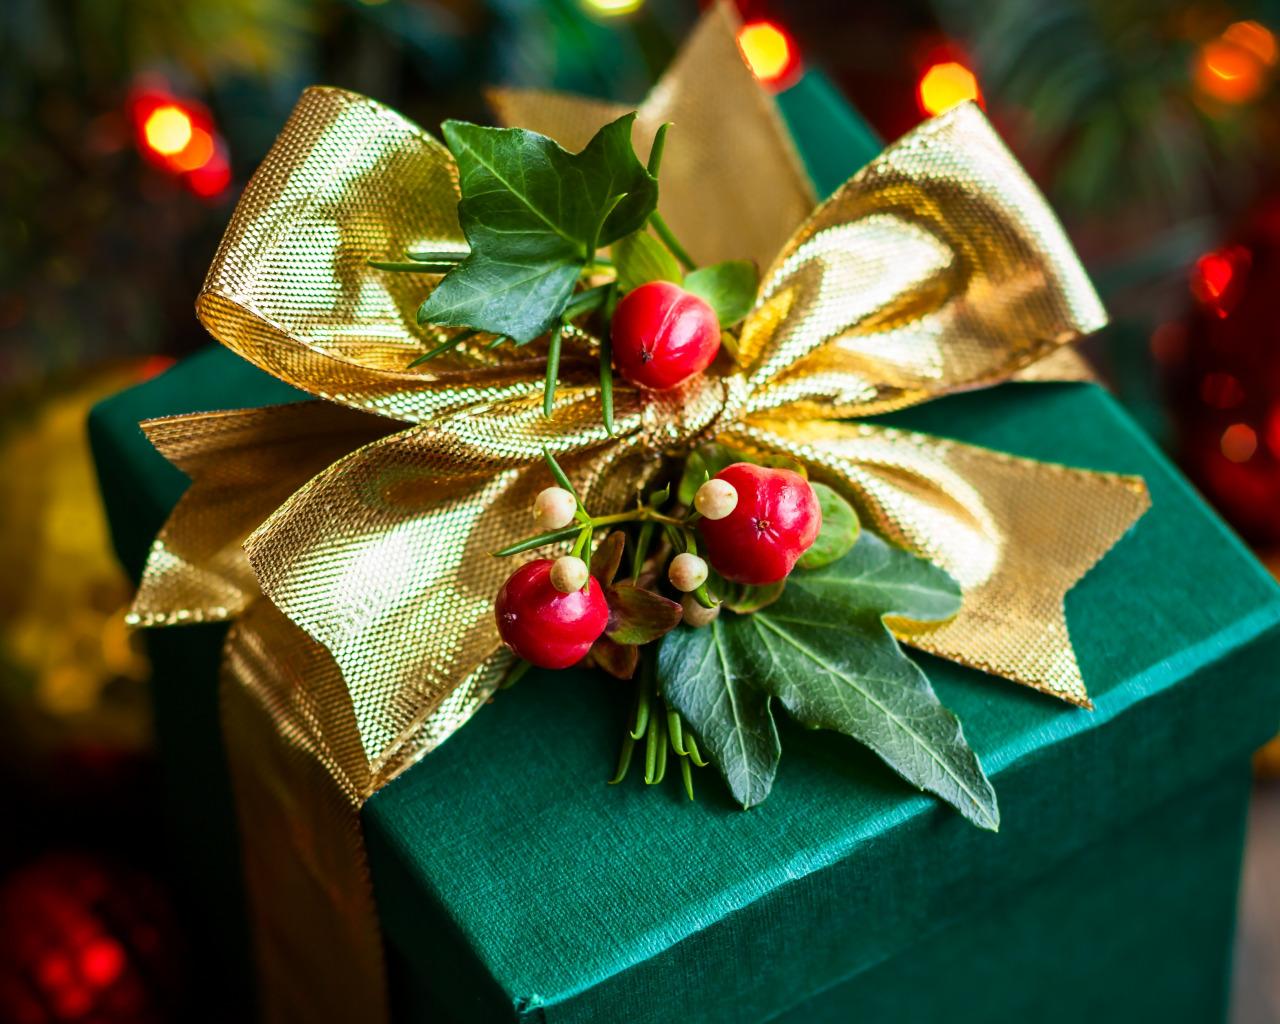 Прикольный подарок на новый год, новогодний сюрприз 516